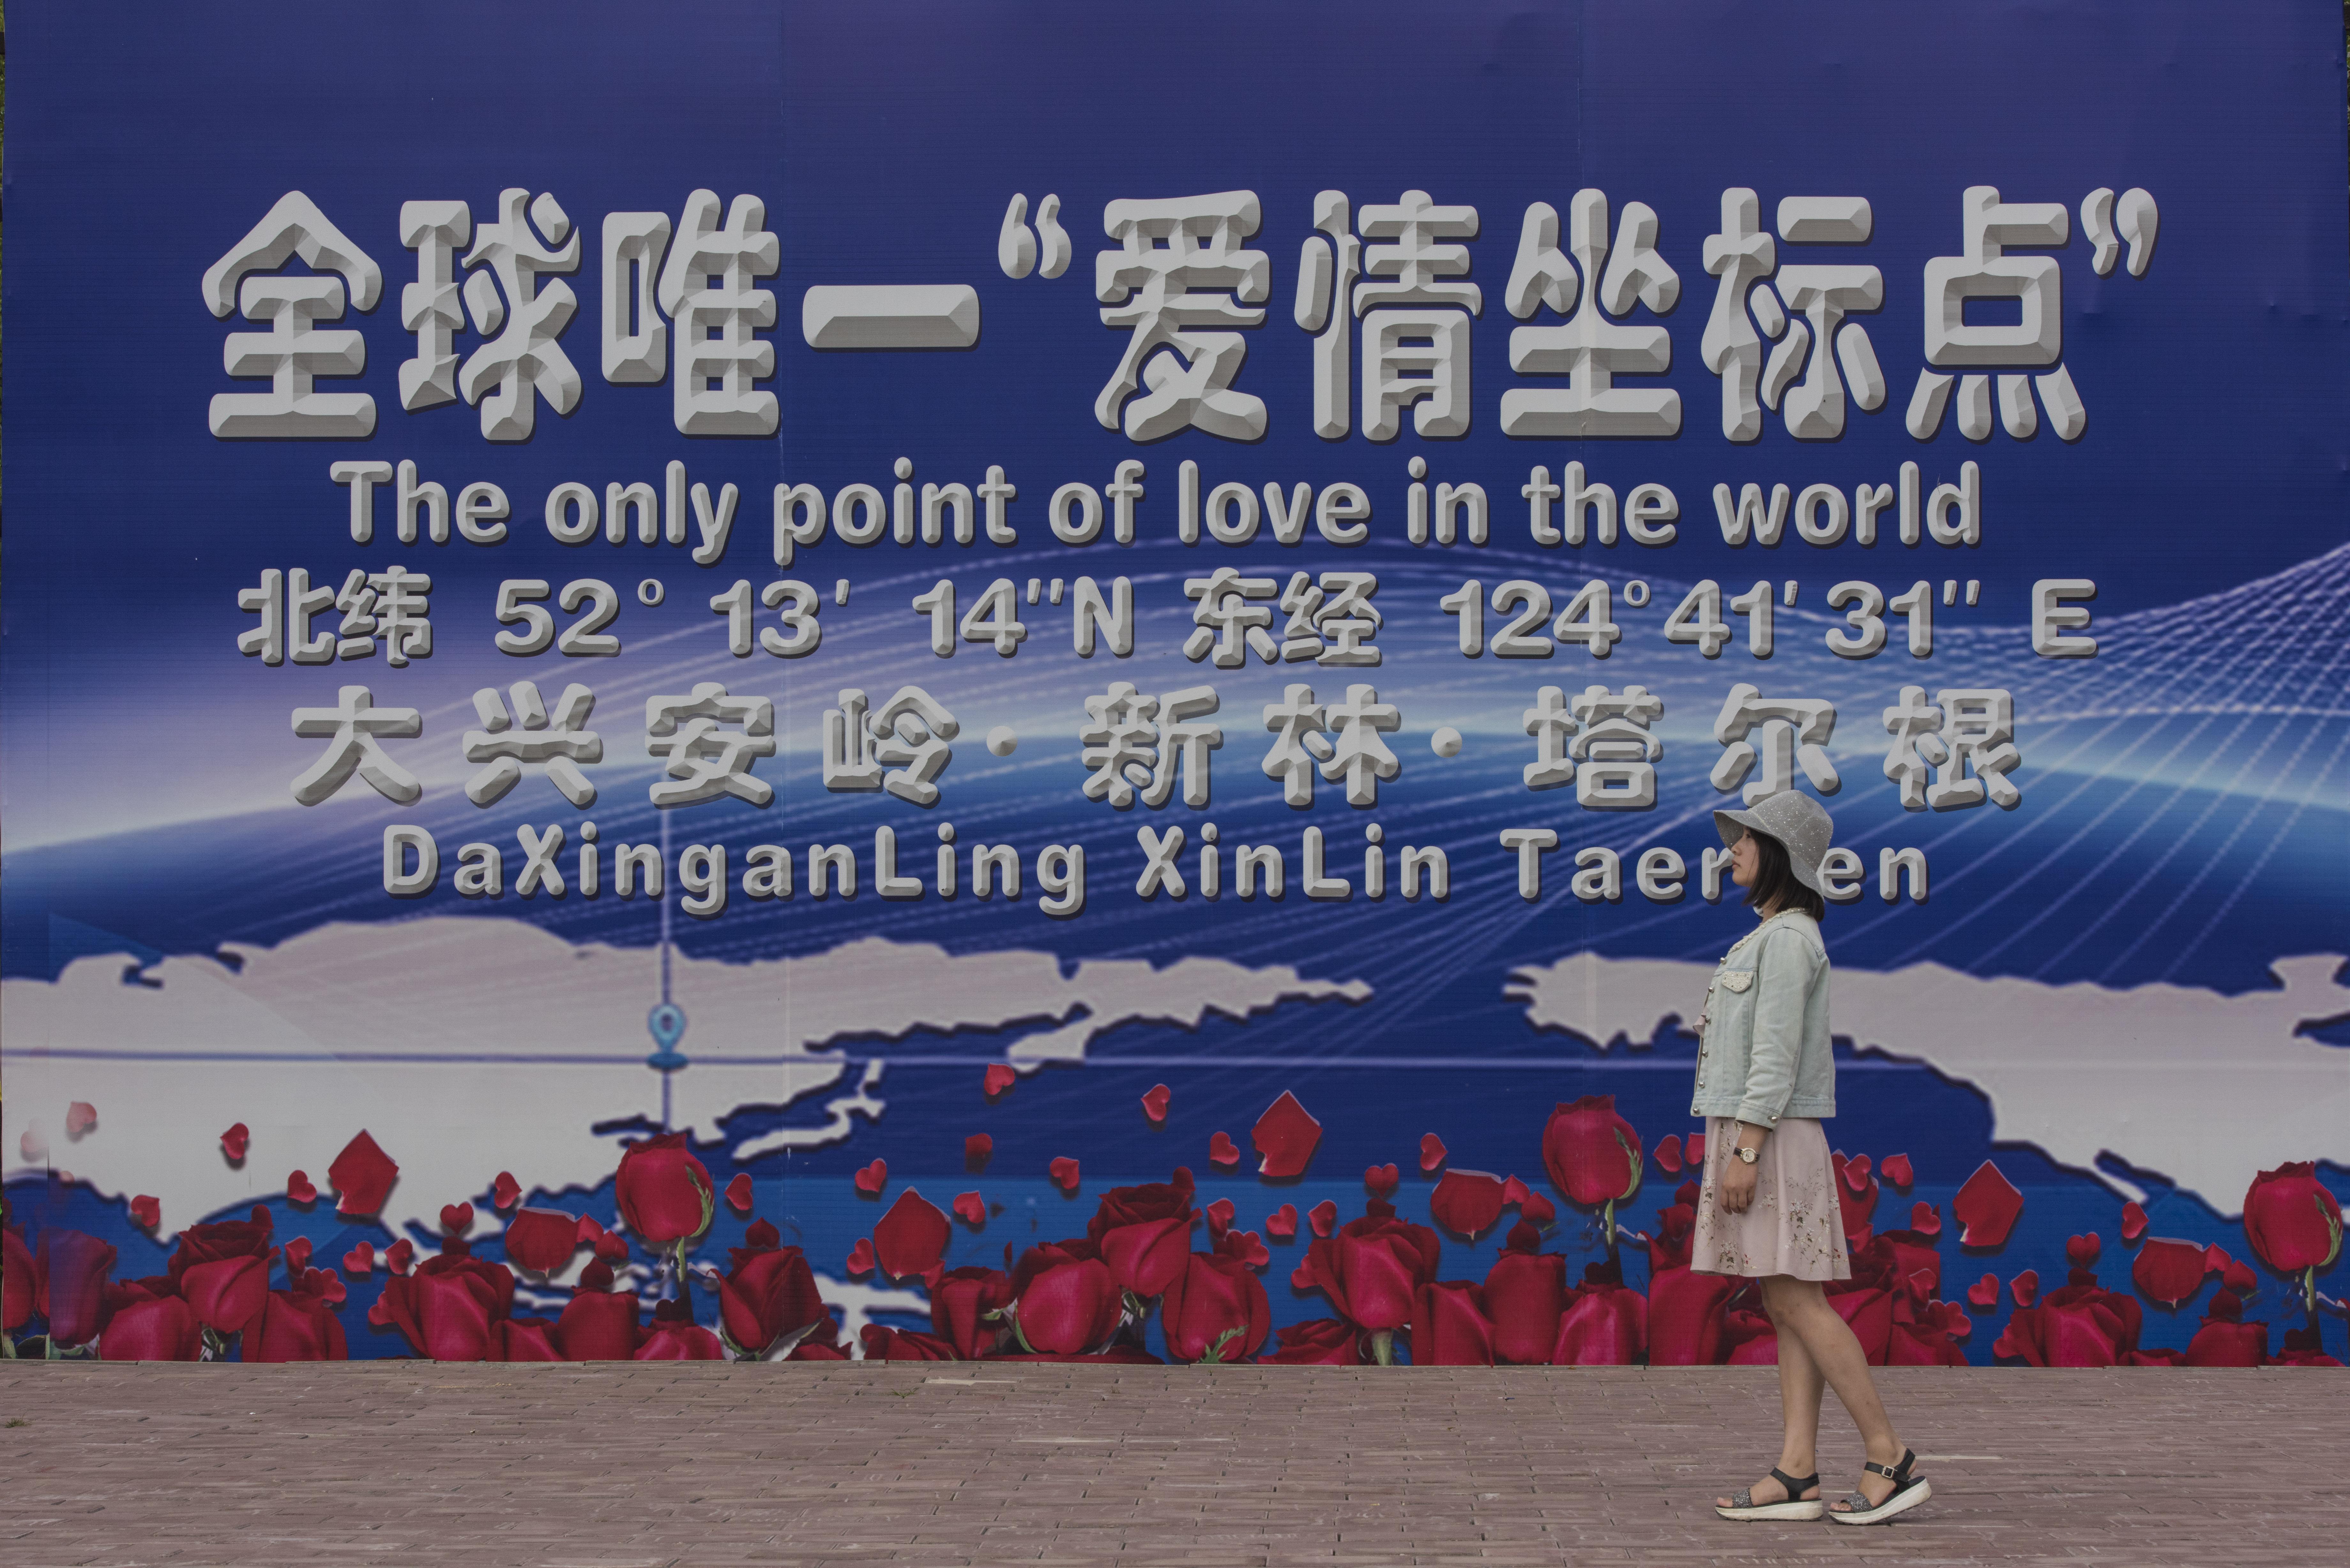 全球唯一爱情坐标点,老天赐予人类唯一一个鉴证爱情的地方